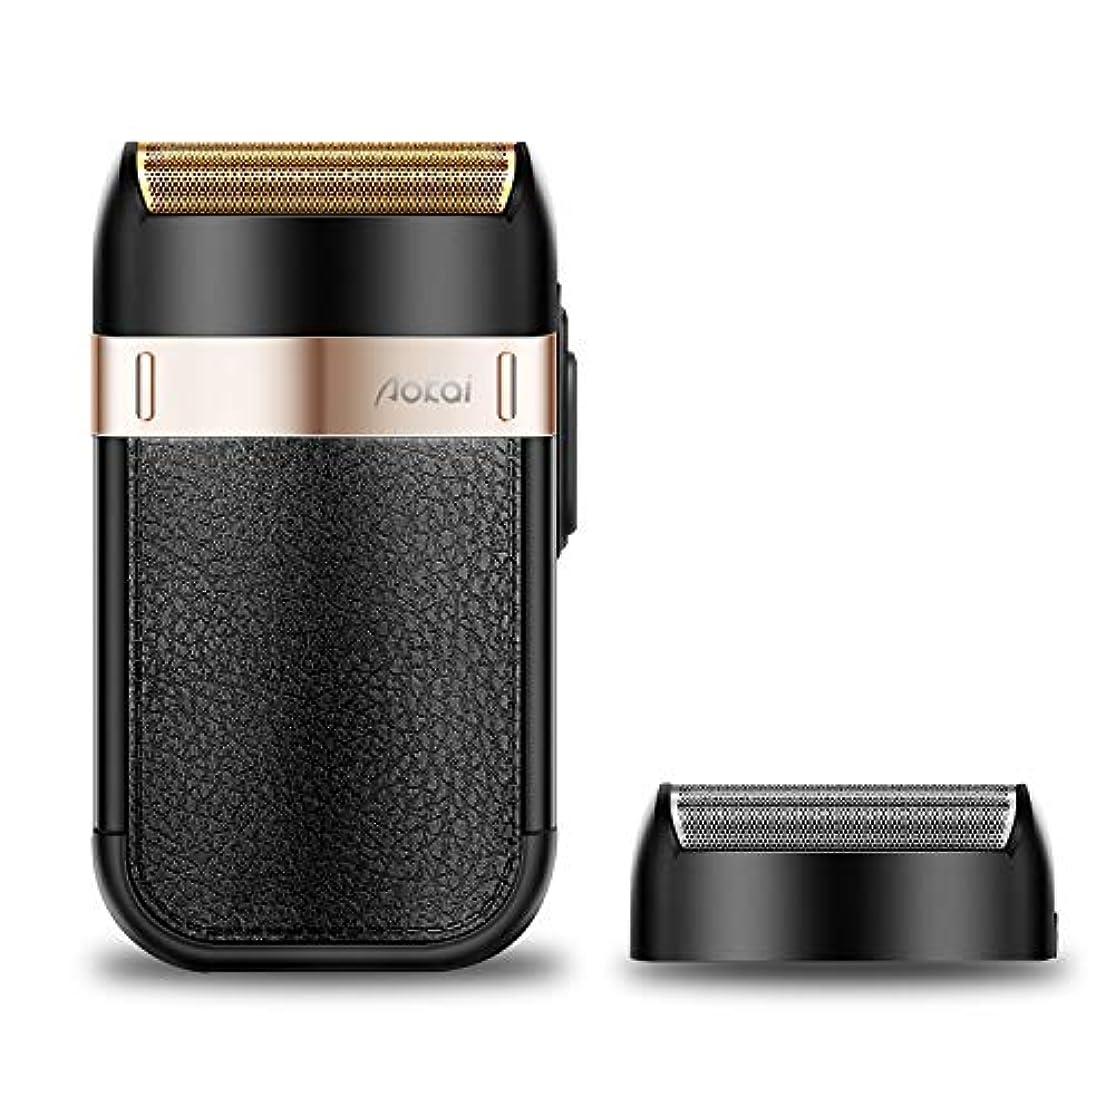 メンズシェーバー 充電·交流式 髭剃り 電気シェーバー 往復式 携帯ひげそり モバイル 防水基準 USB充電式 コンパクト 旅行用